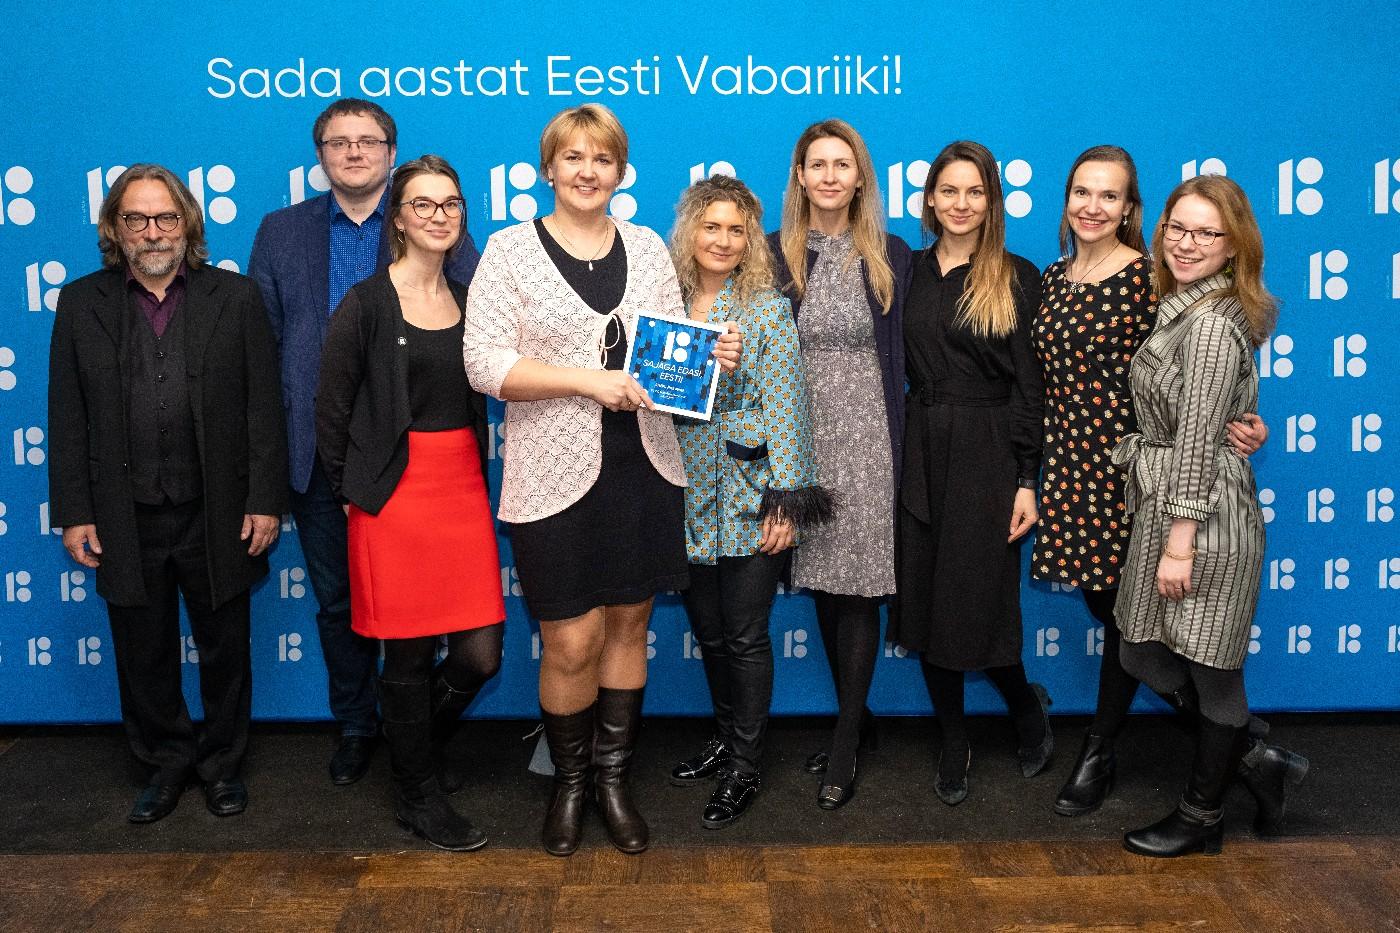 Команда EV100 выразила благодарность организаторам праздника